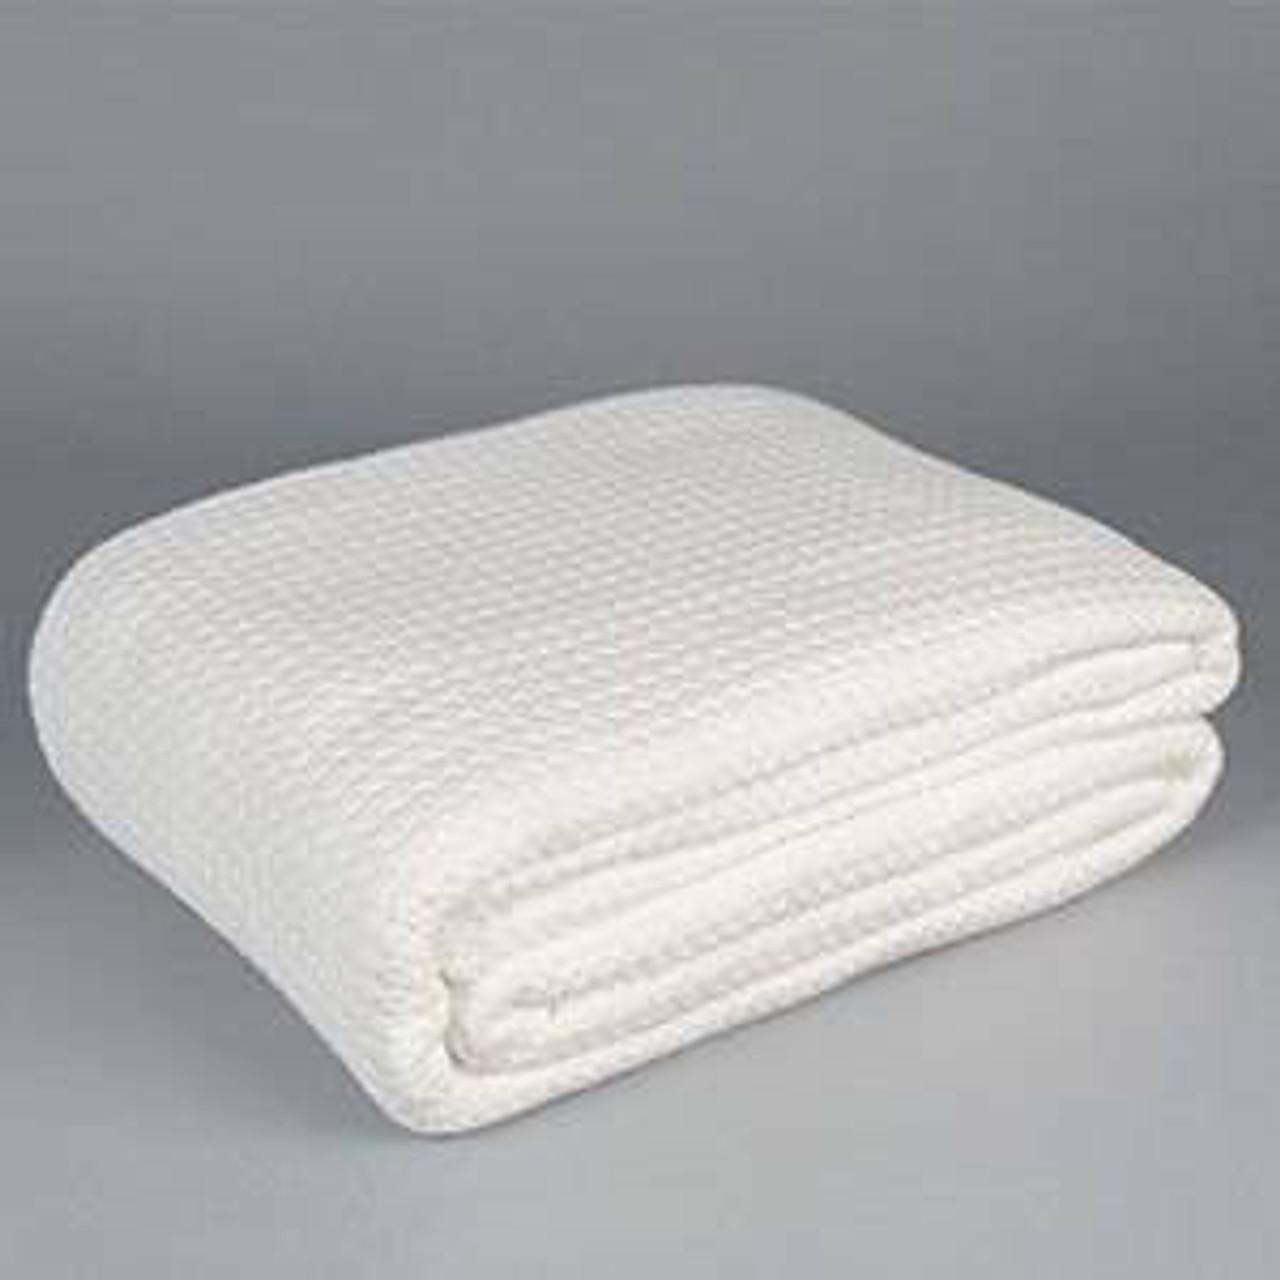 WestPoint/Martex Martex Blanket or 5 Star Basketweave